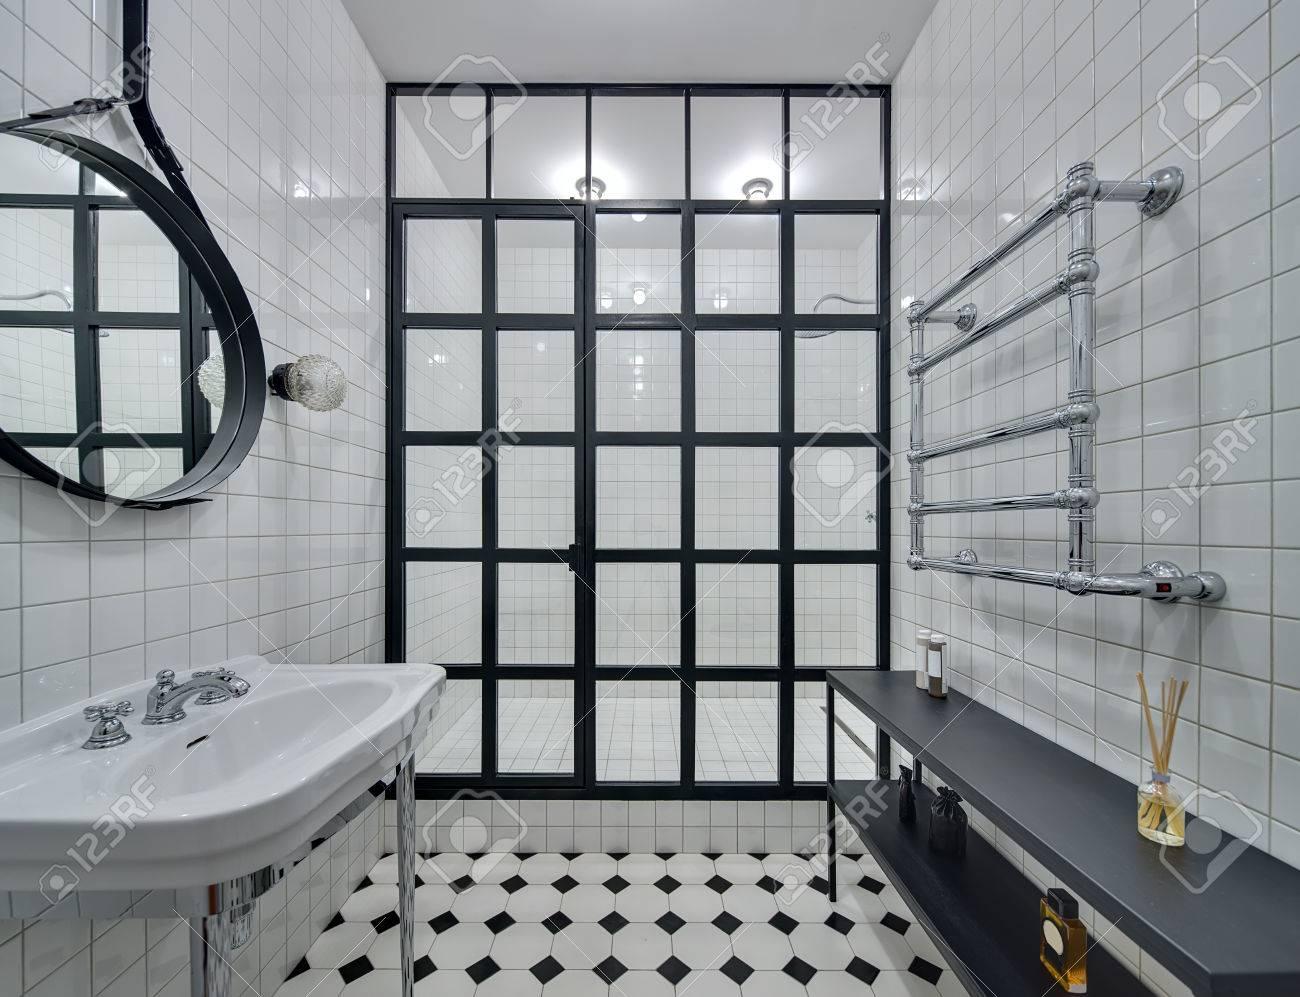 Bagno con pareti di piastrelle bianche c è bianco lavabo